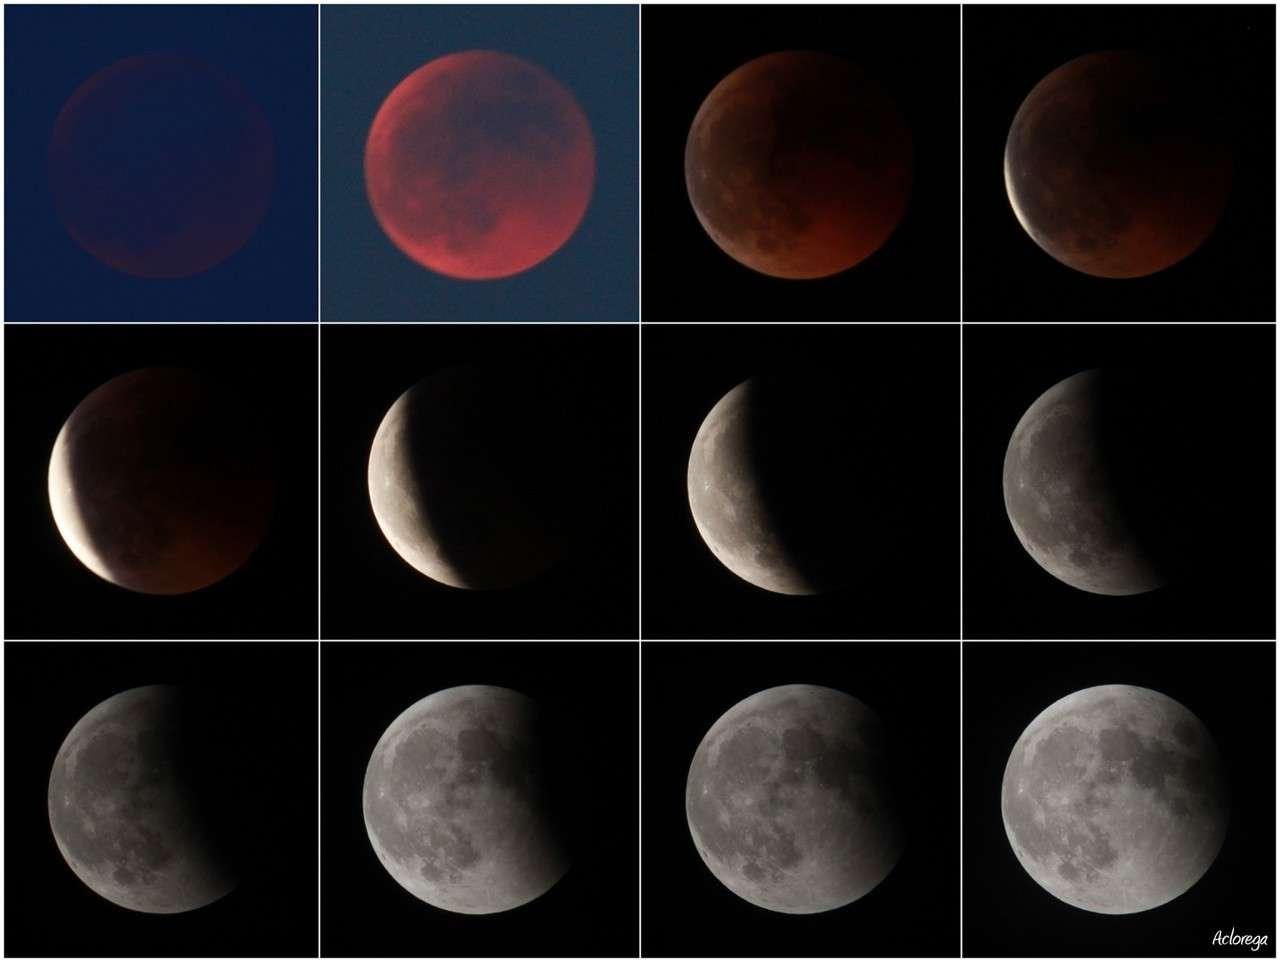 Un montage permettant de visualiser les différentes étapes de l'éclipse totale de Lune du 15 juin 2011. © aclorega